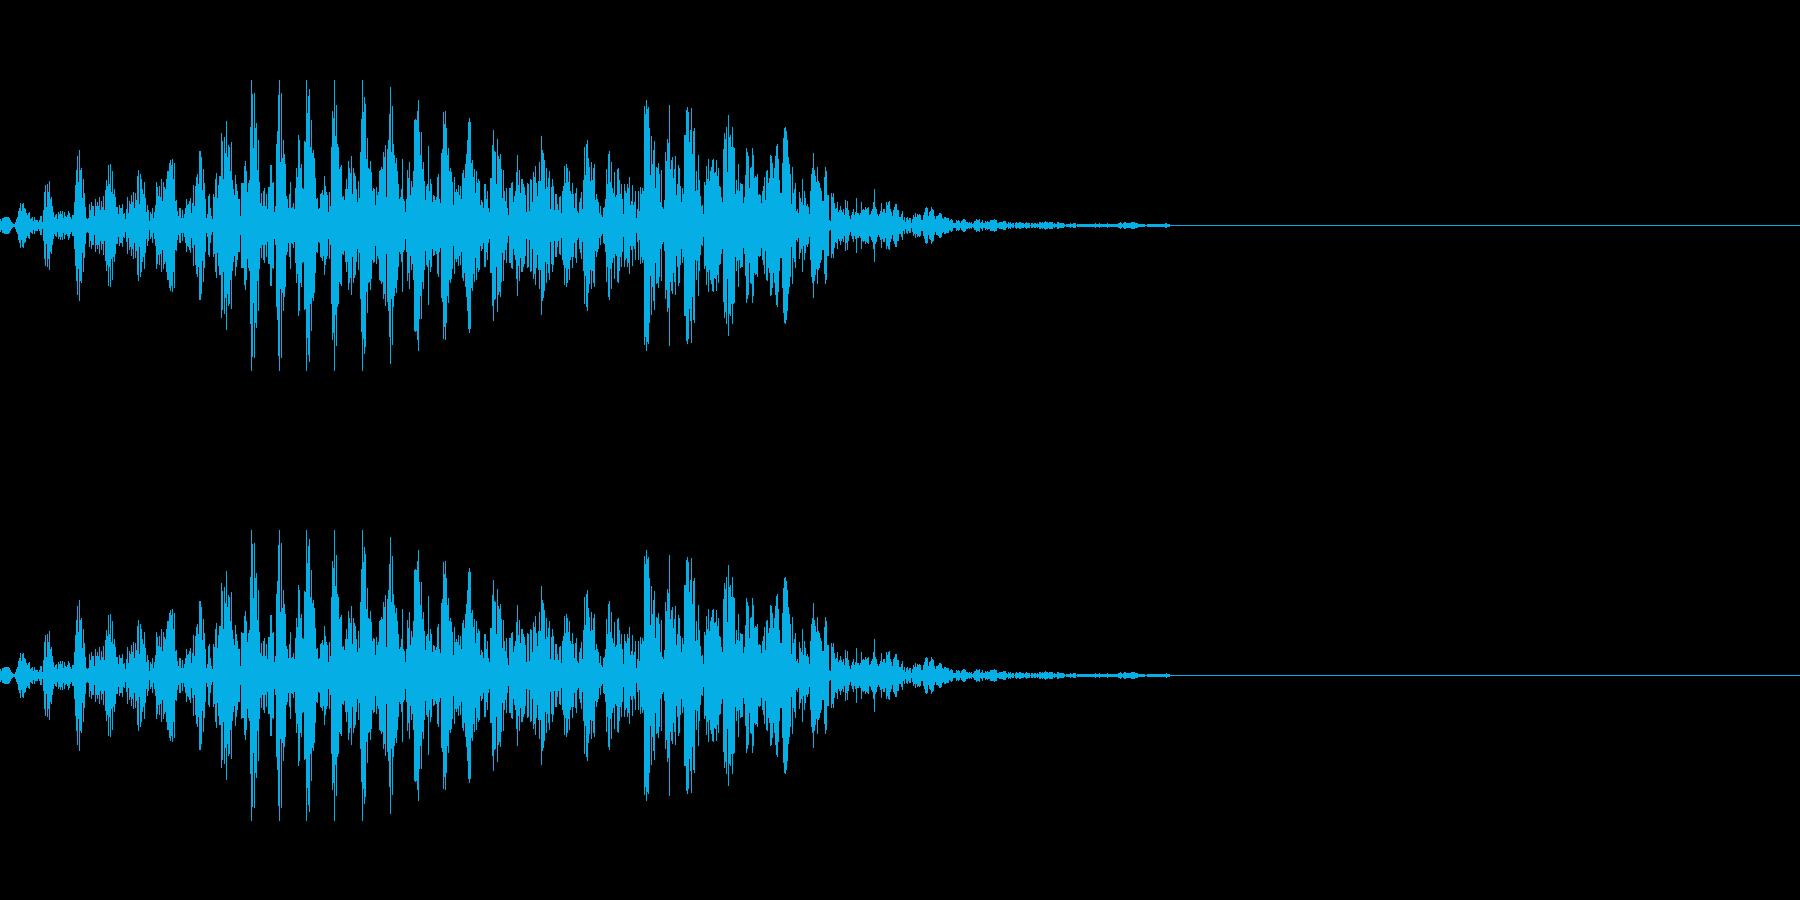 ゾンビなどのうめき声 2の再生済みの波形